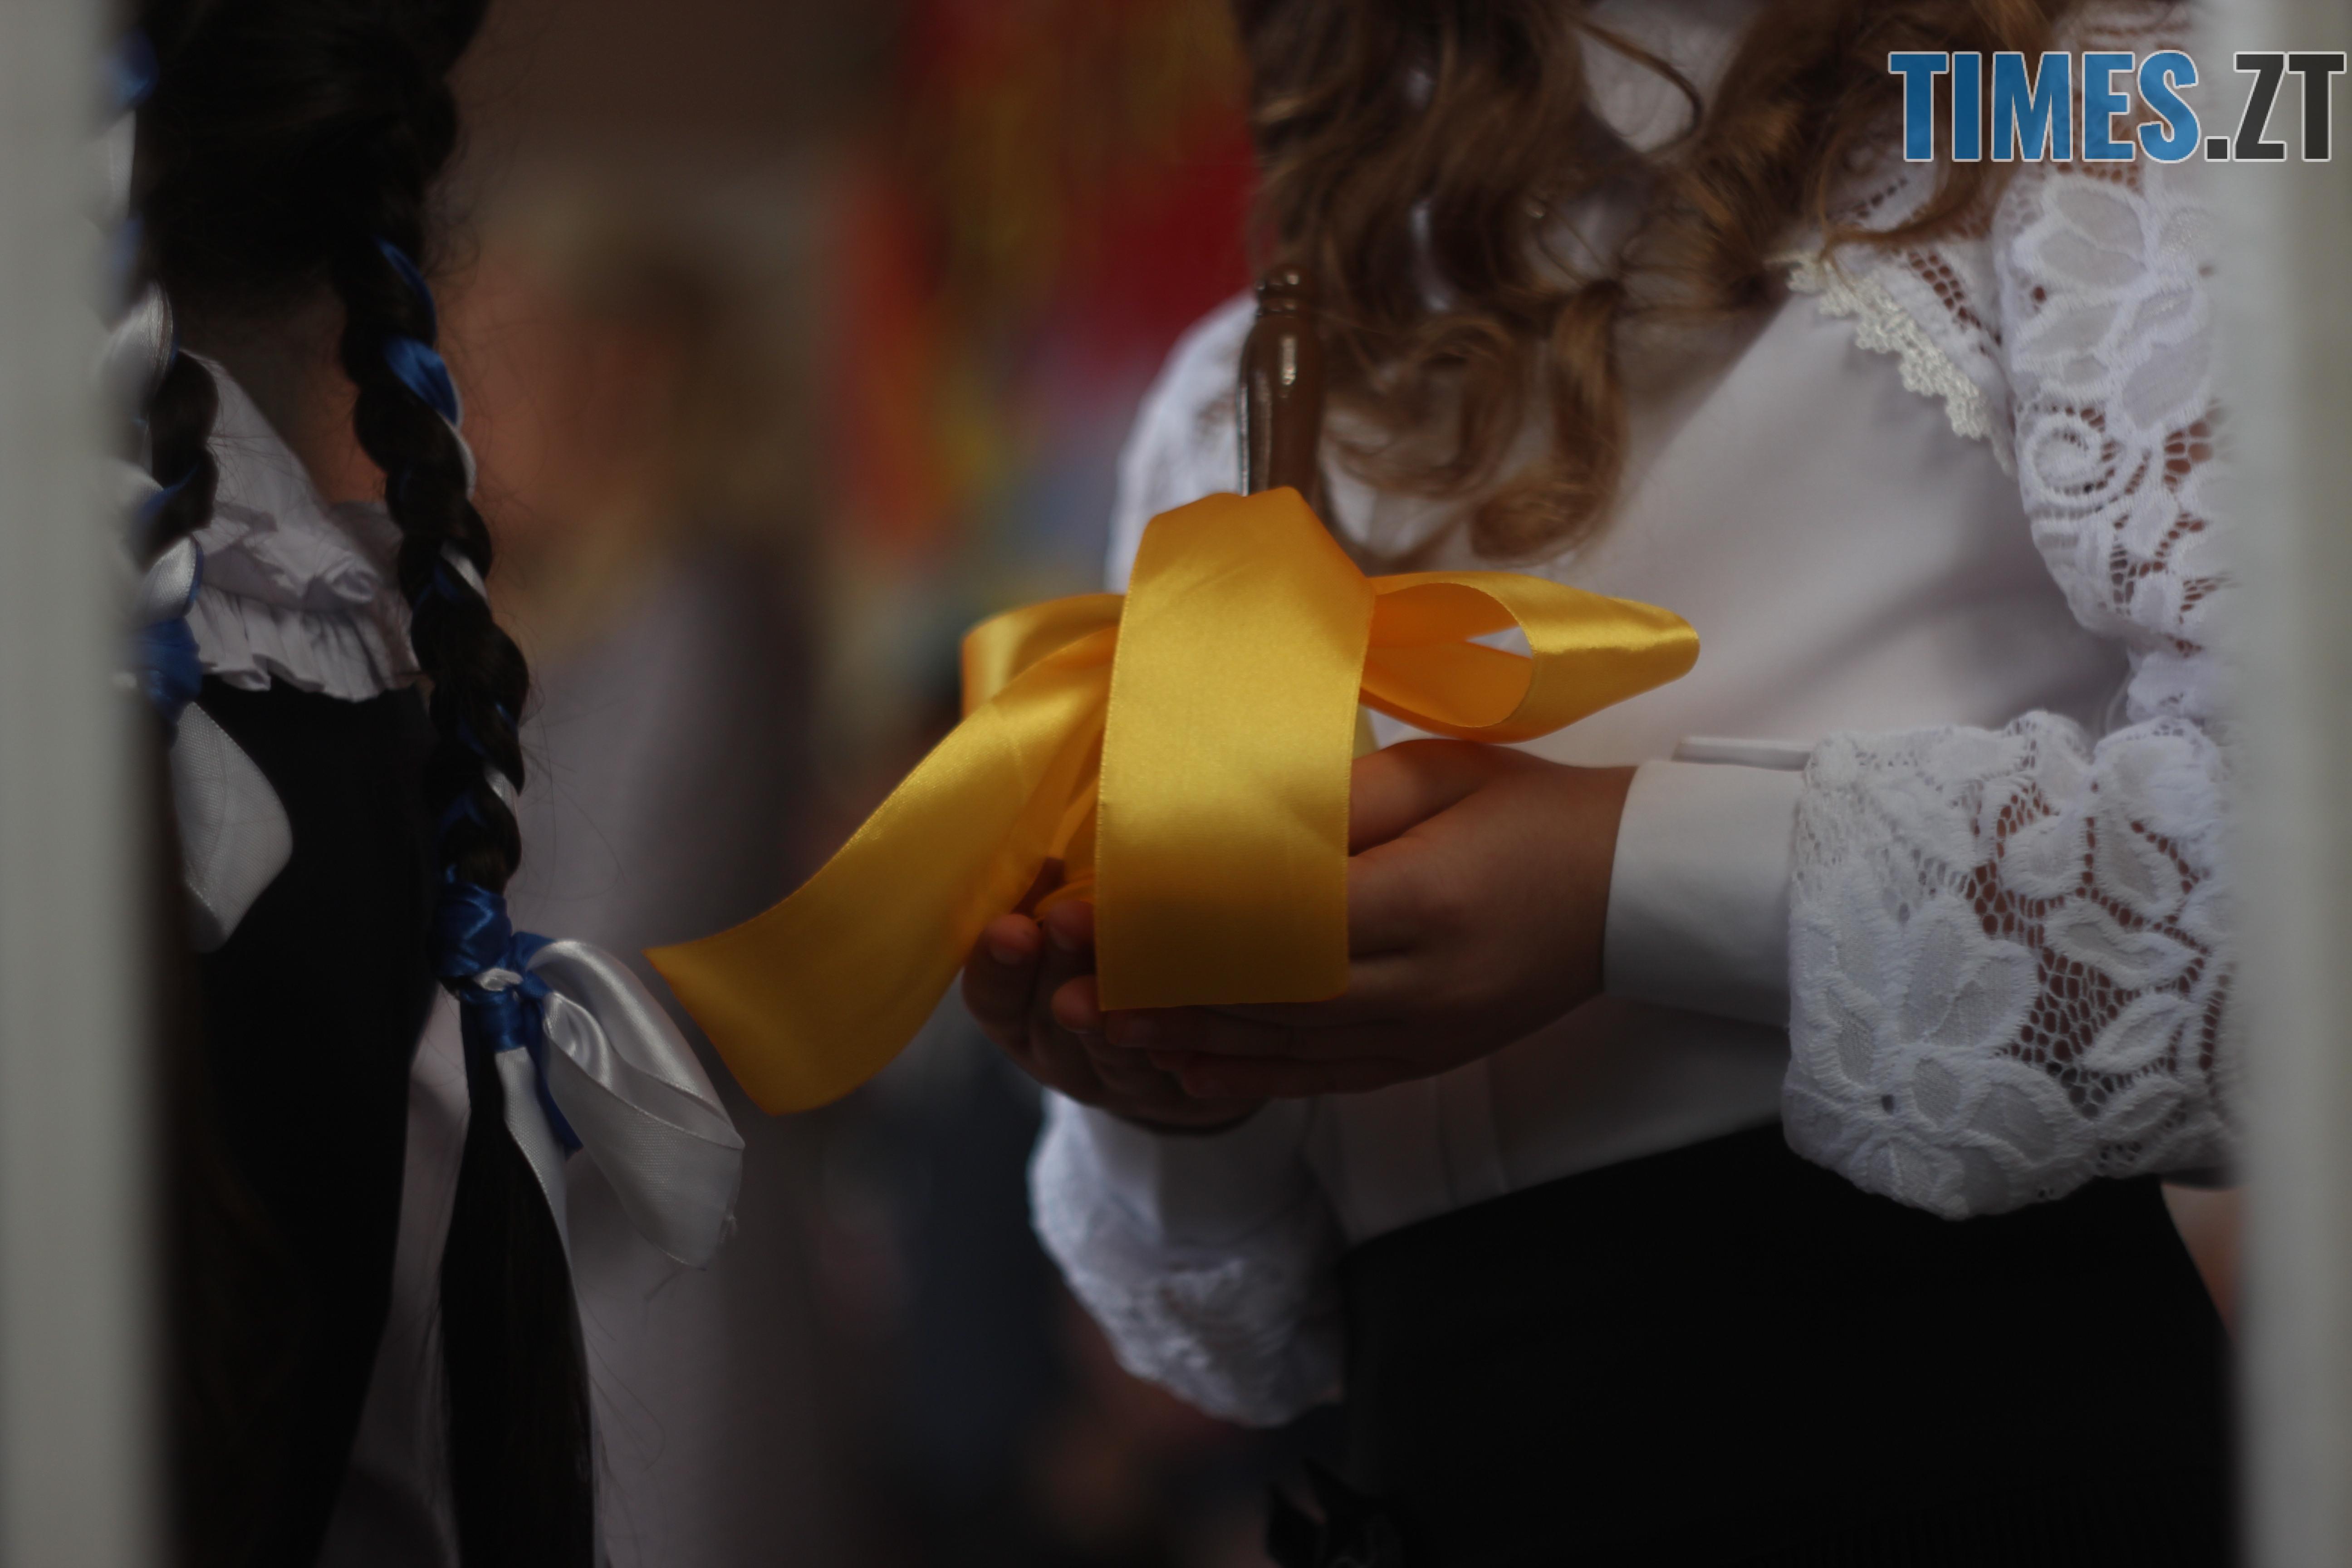 IMG 8730 - Майже 4 тисячі житомирських першокласників навчатимуться за системою Нової української школи (ФОТОРЕПОРТАЖ)